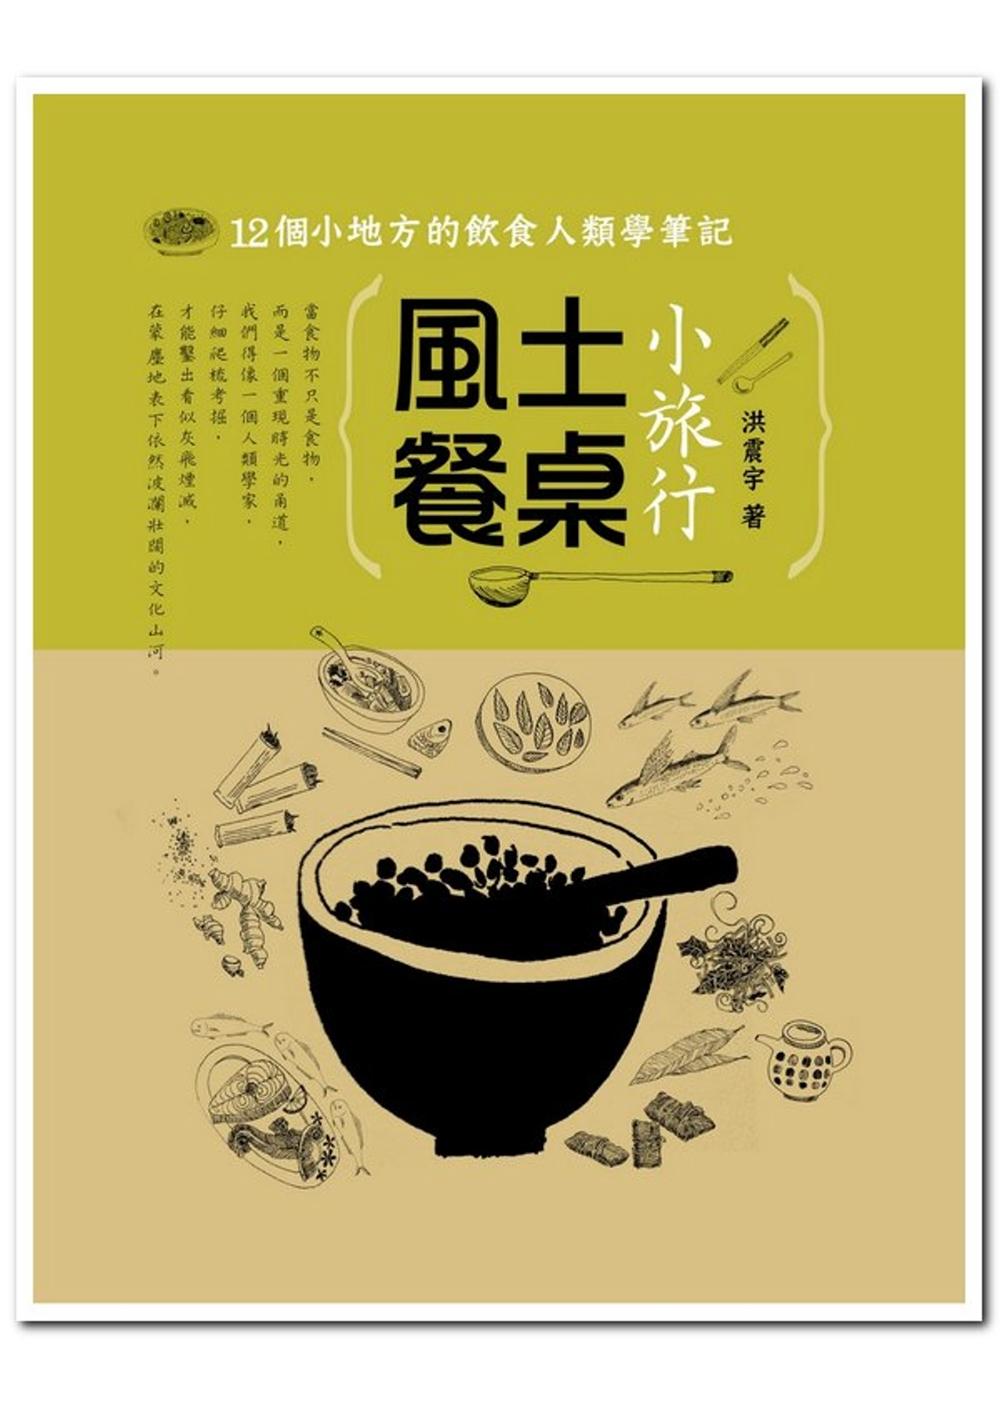 風土餐桌小旅行:12個小地方的飲食人類學筆記